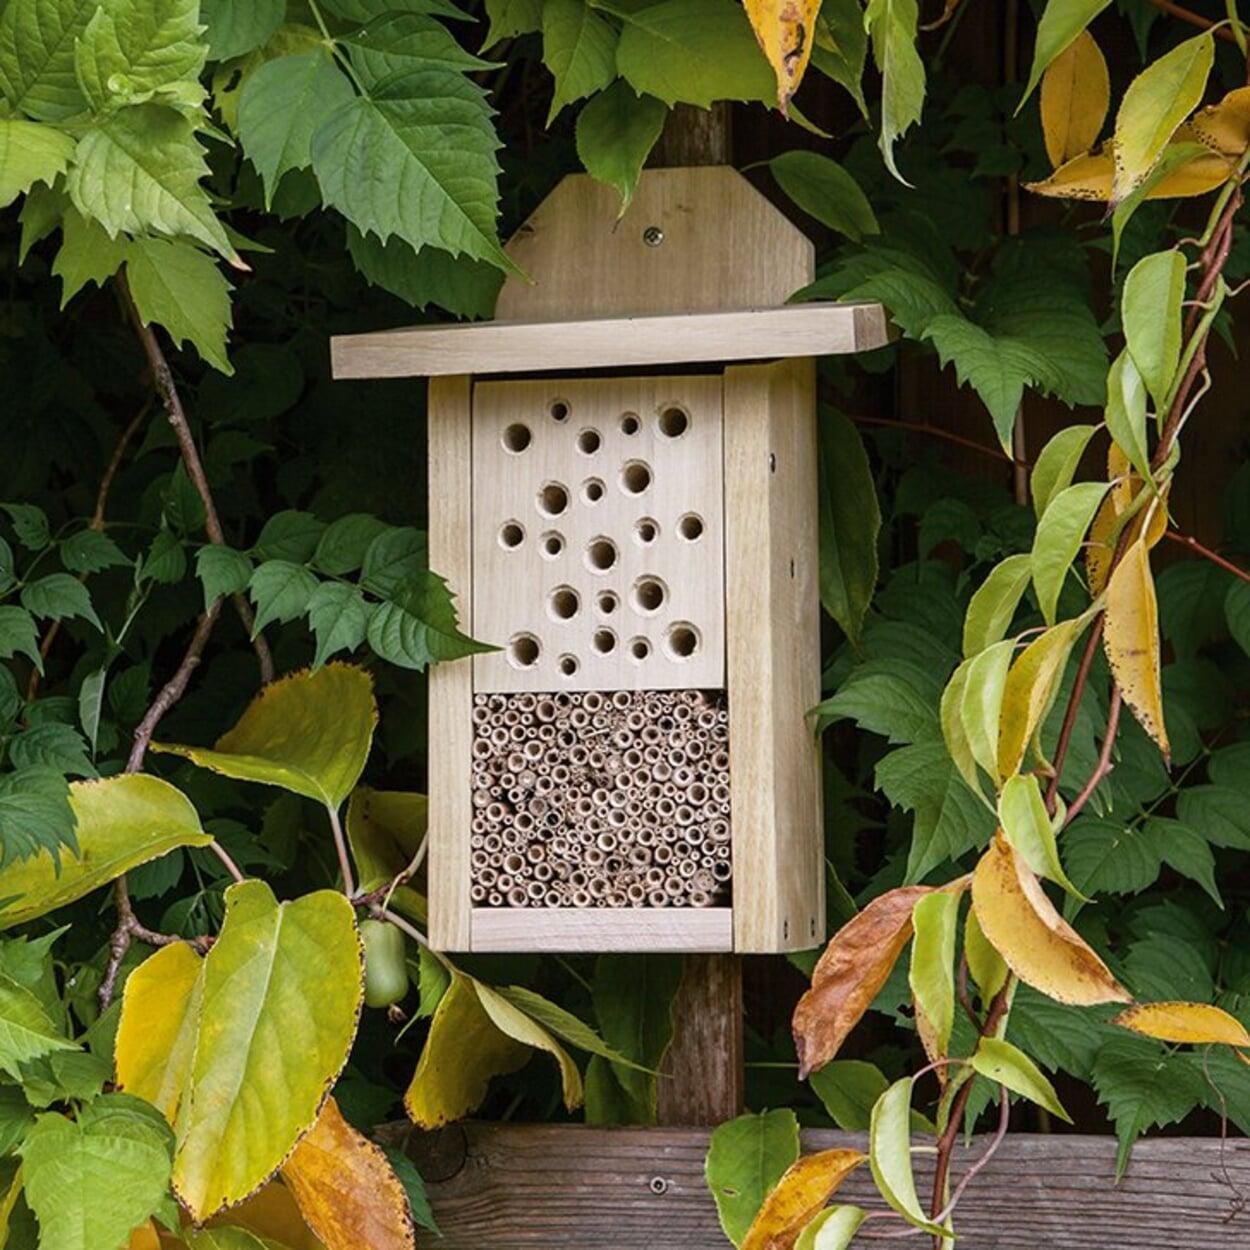 Für Insektenhäuser einen sonnigen und geschützten Platz wählen